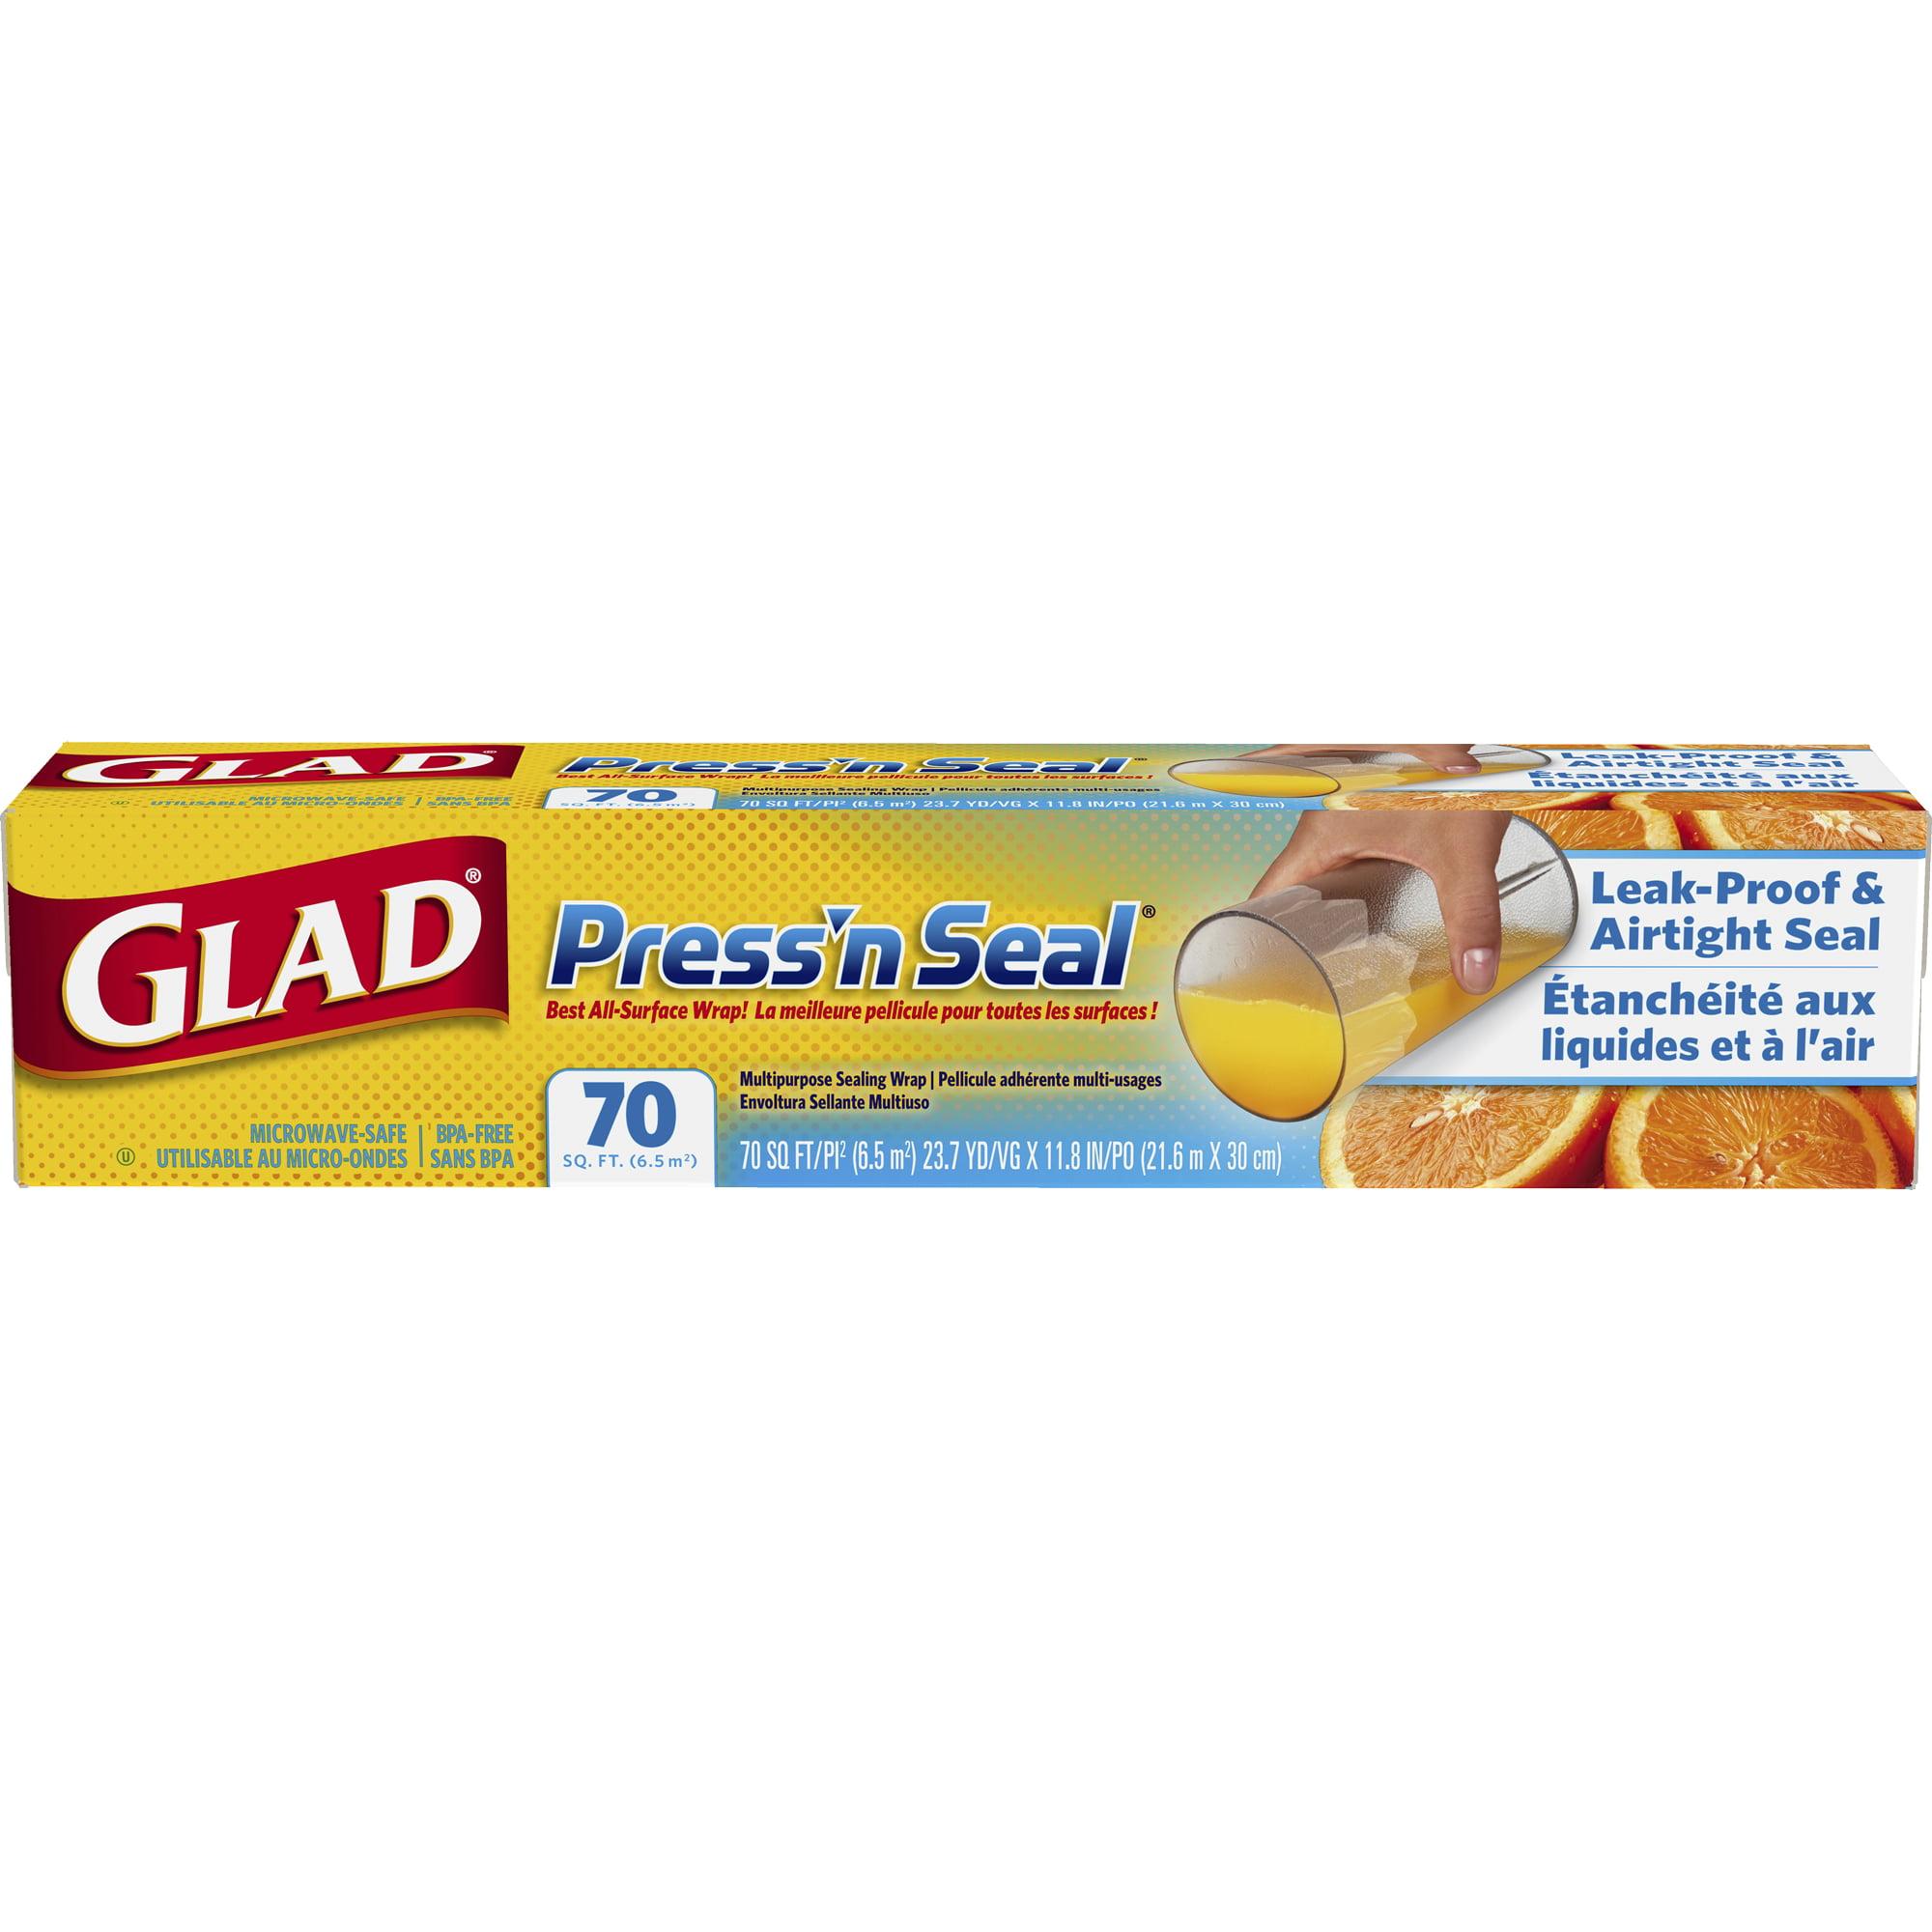 Glad Press'n Seal Food...